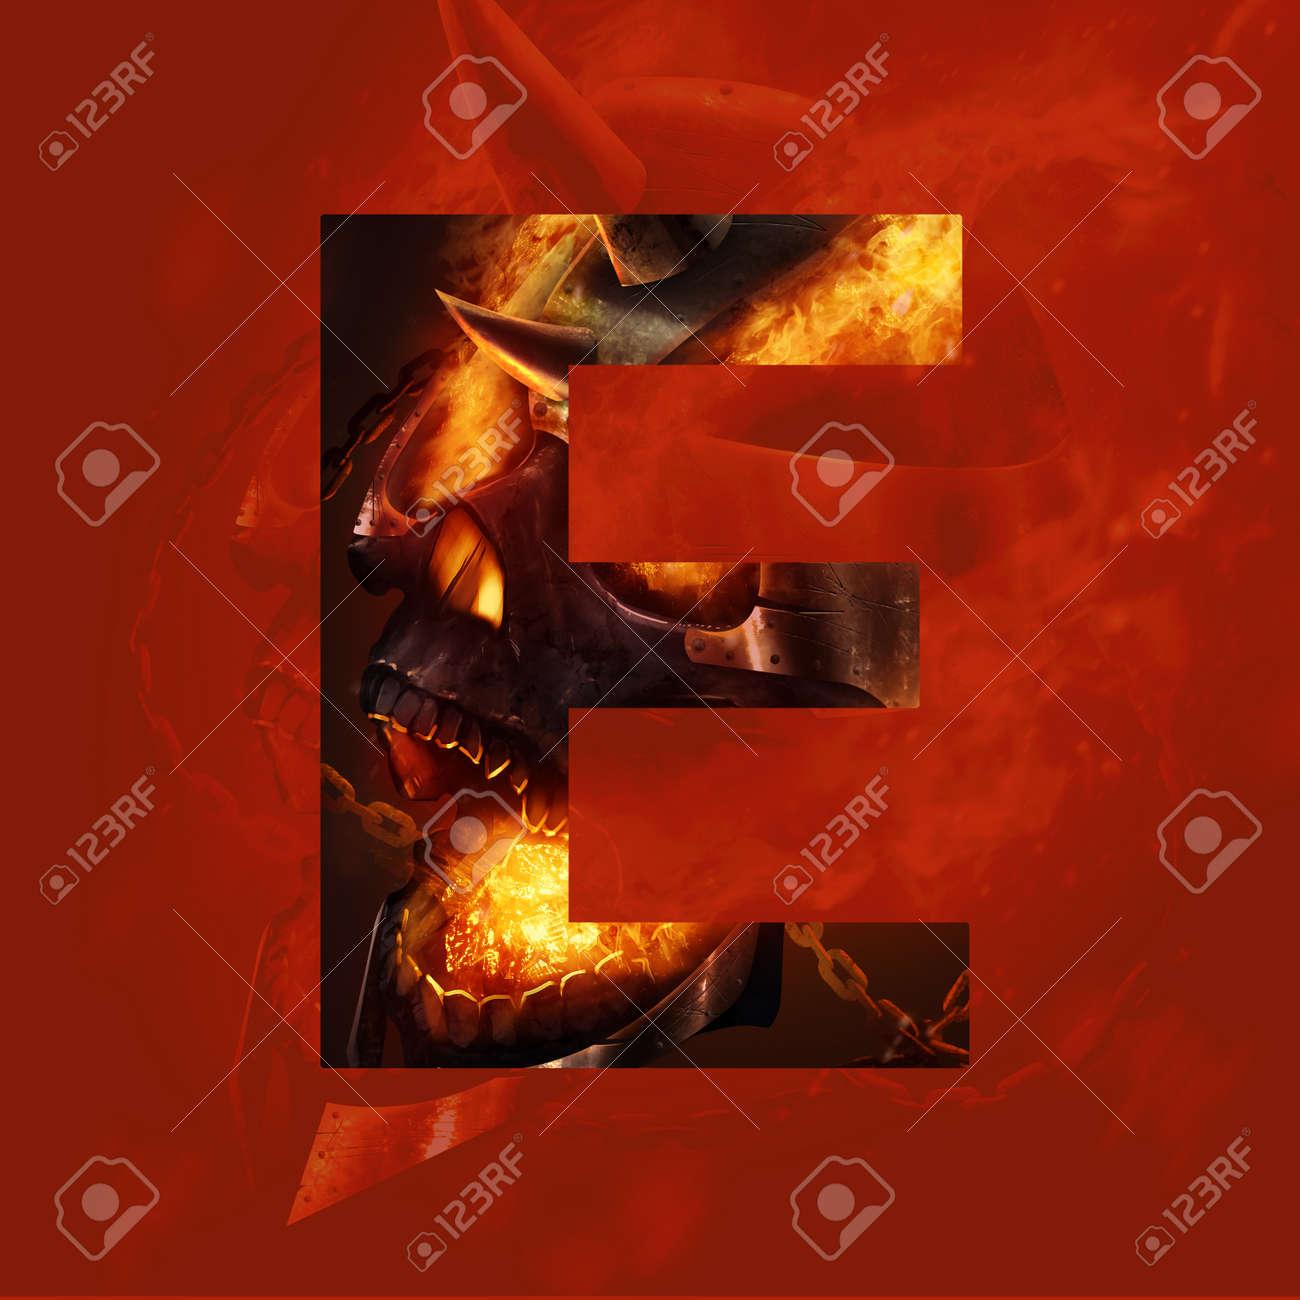 29aa64ae64d0 Illustration - Monster letter E. Letter sign with horrible and evil fire  skull monster face illustration art.